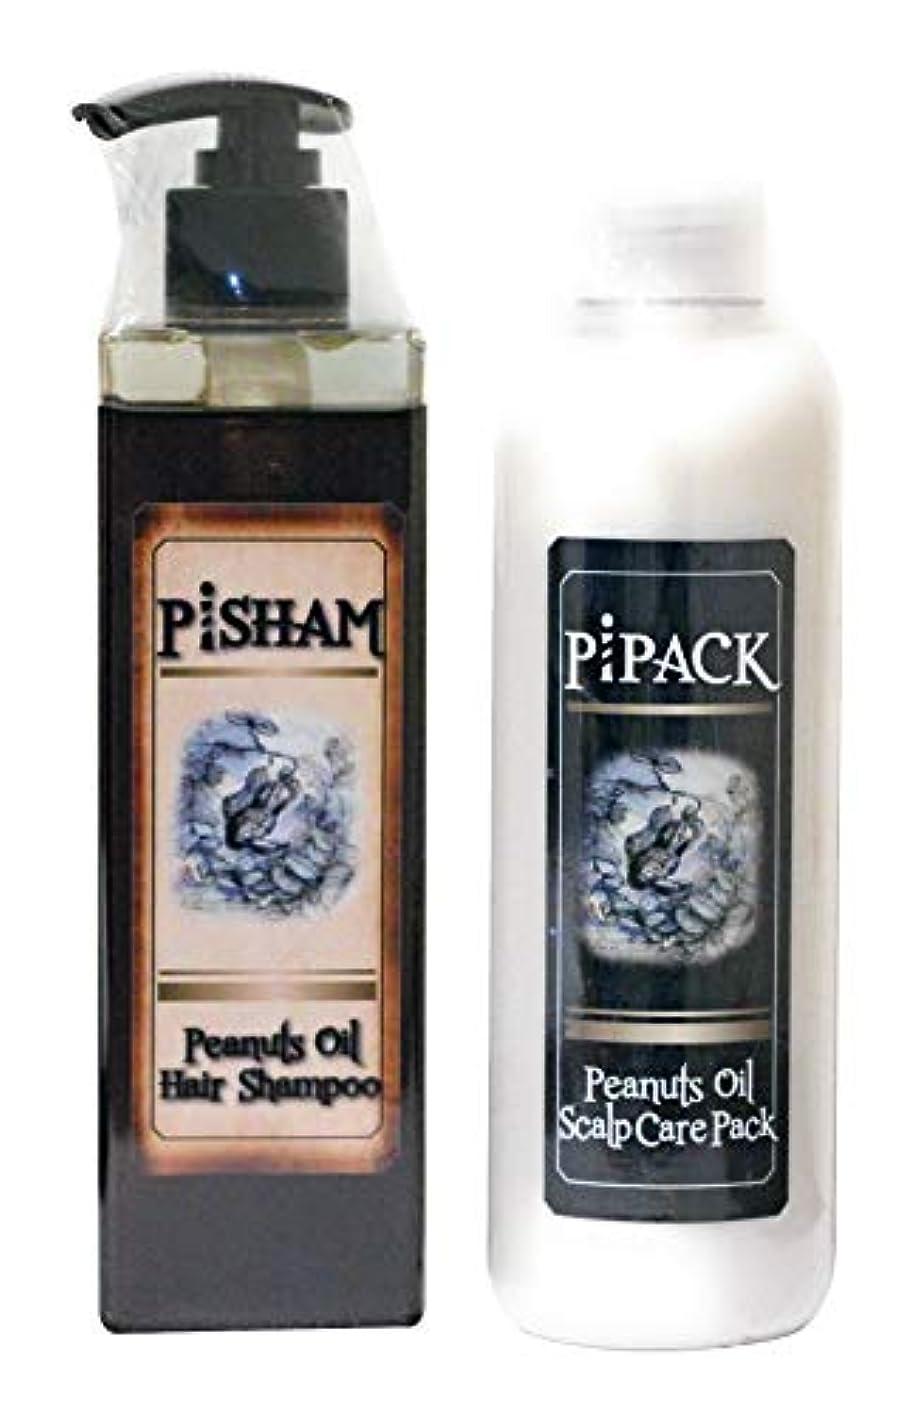 アプローチ満州技術者現役理容師考案 頭皮ケア用に ピーシャン&ピーパック 300mlボトルセット